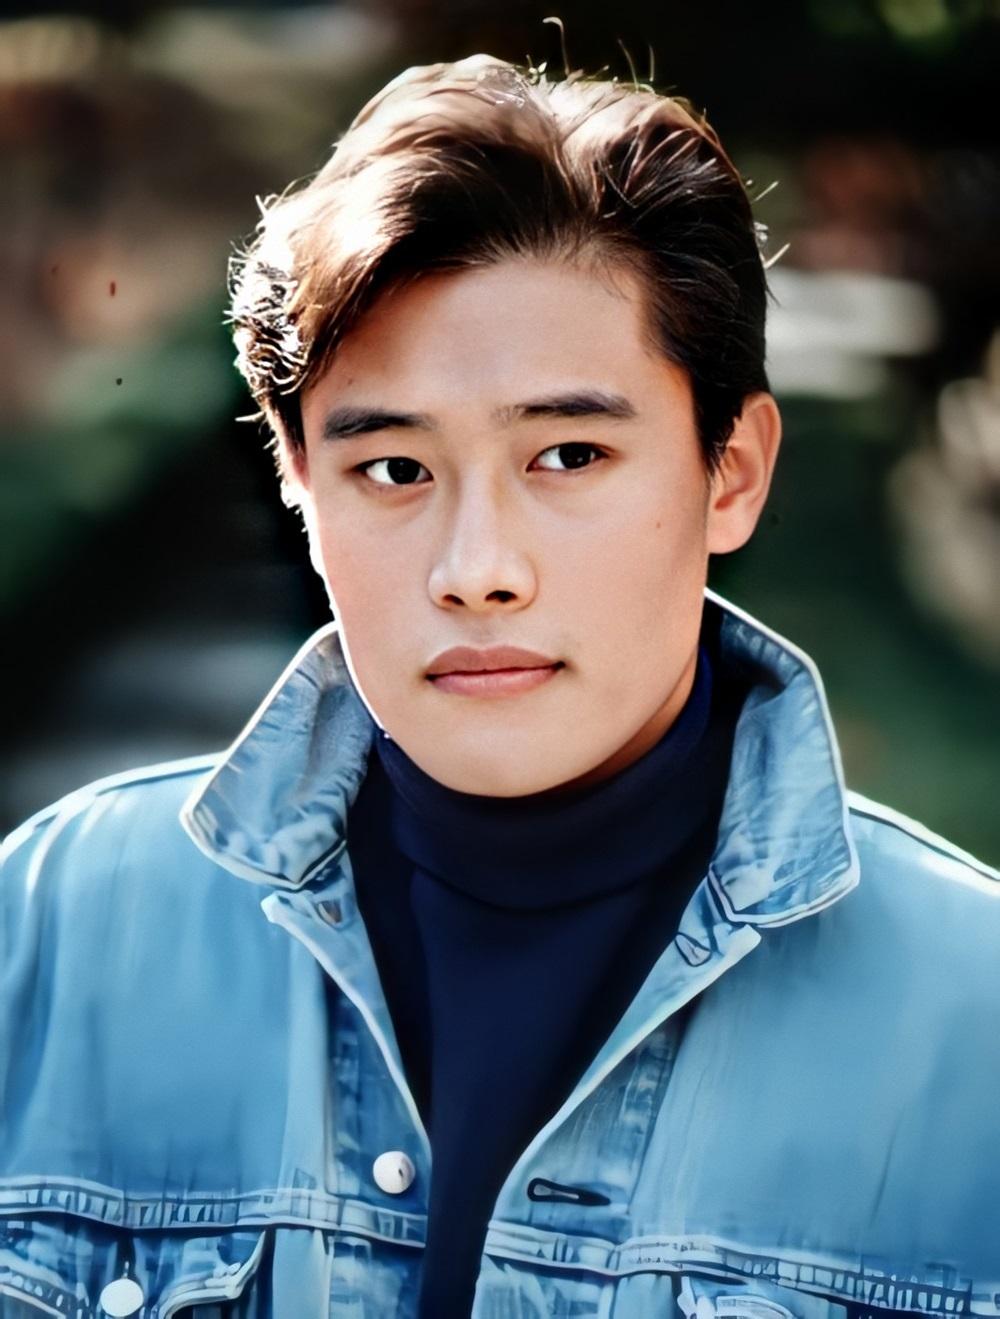 Lee Byung Hun là một tài tử tiếng tăm của Hàn Quốc, là một trong những diễn viên Hàn hiếm hoi thành danh tại Hollywood. Lee Byung Hun nổi tiếng với gương mặt phong trần, cơ thể nam tính, quyến rũ. Sau khi hợp tác trong All In, Lee Byung Hun và Song Hye Kyo còn công khai hẹn hò.